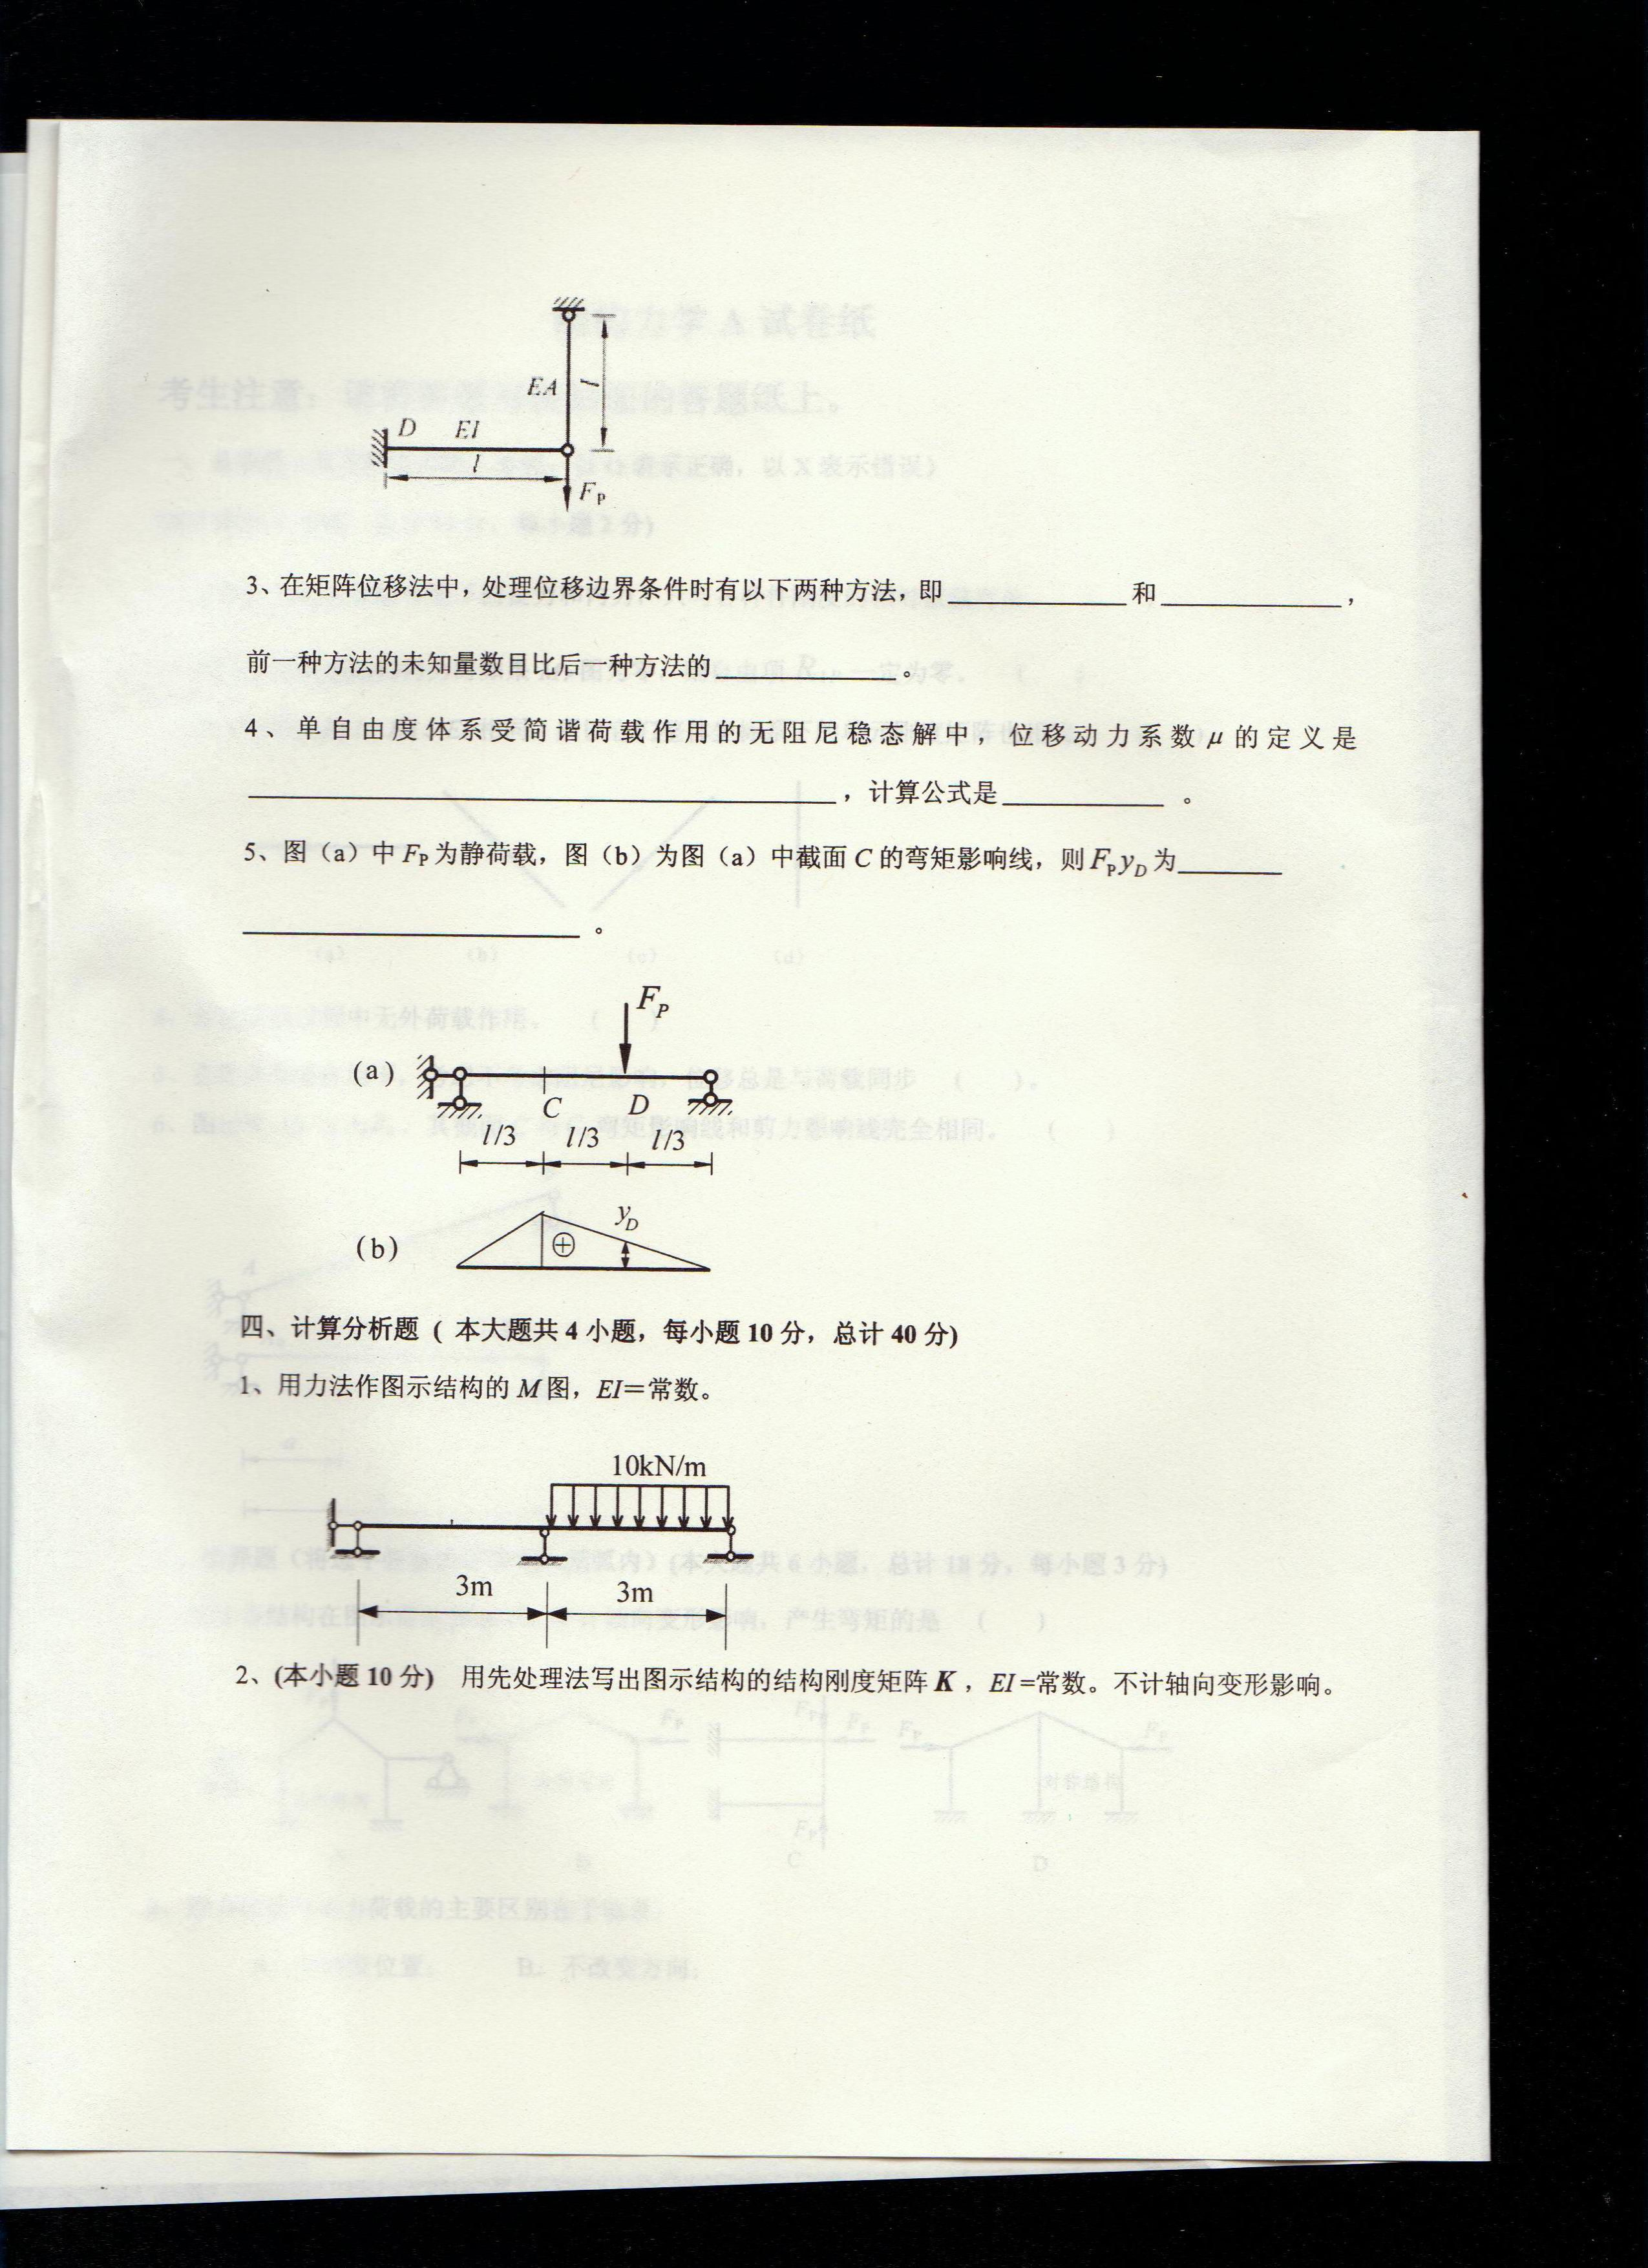 结构力学,用力法作图示结构的m图,ei=常数